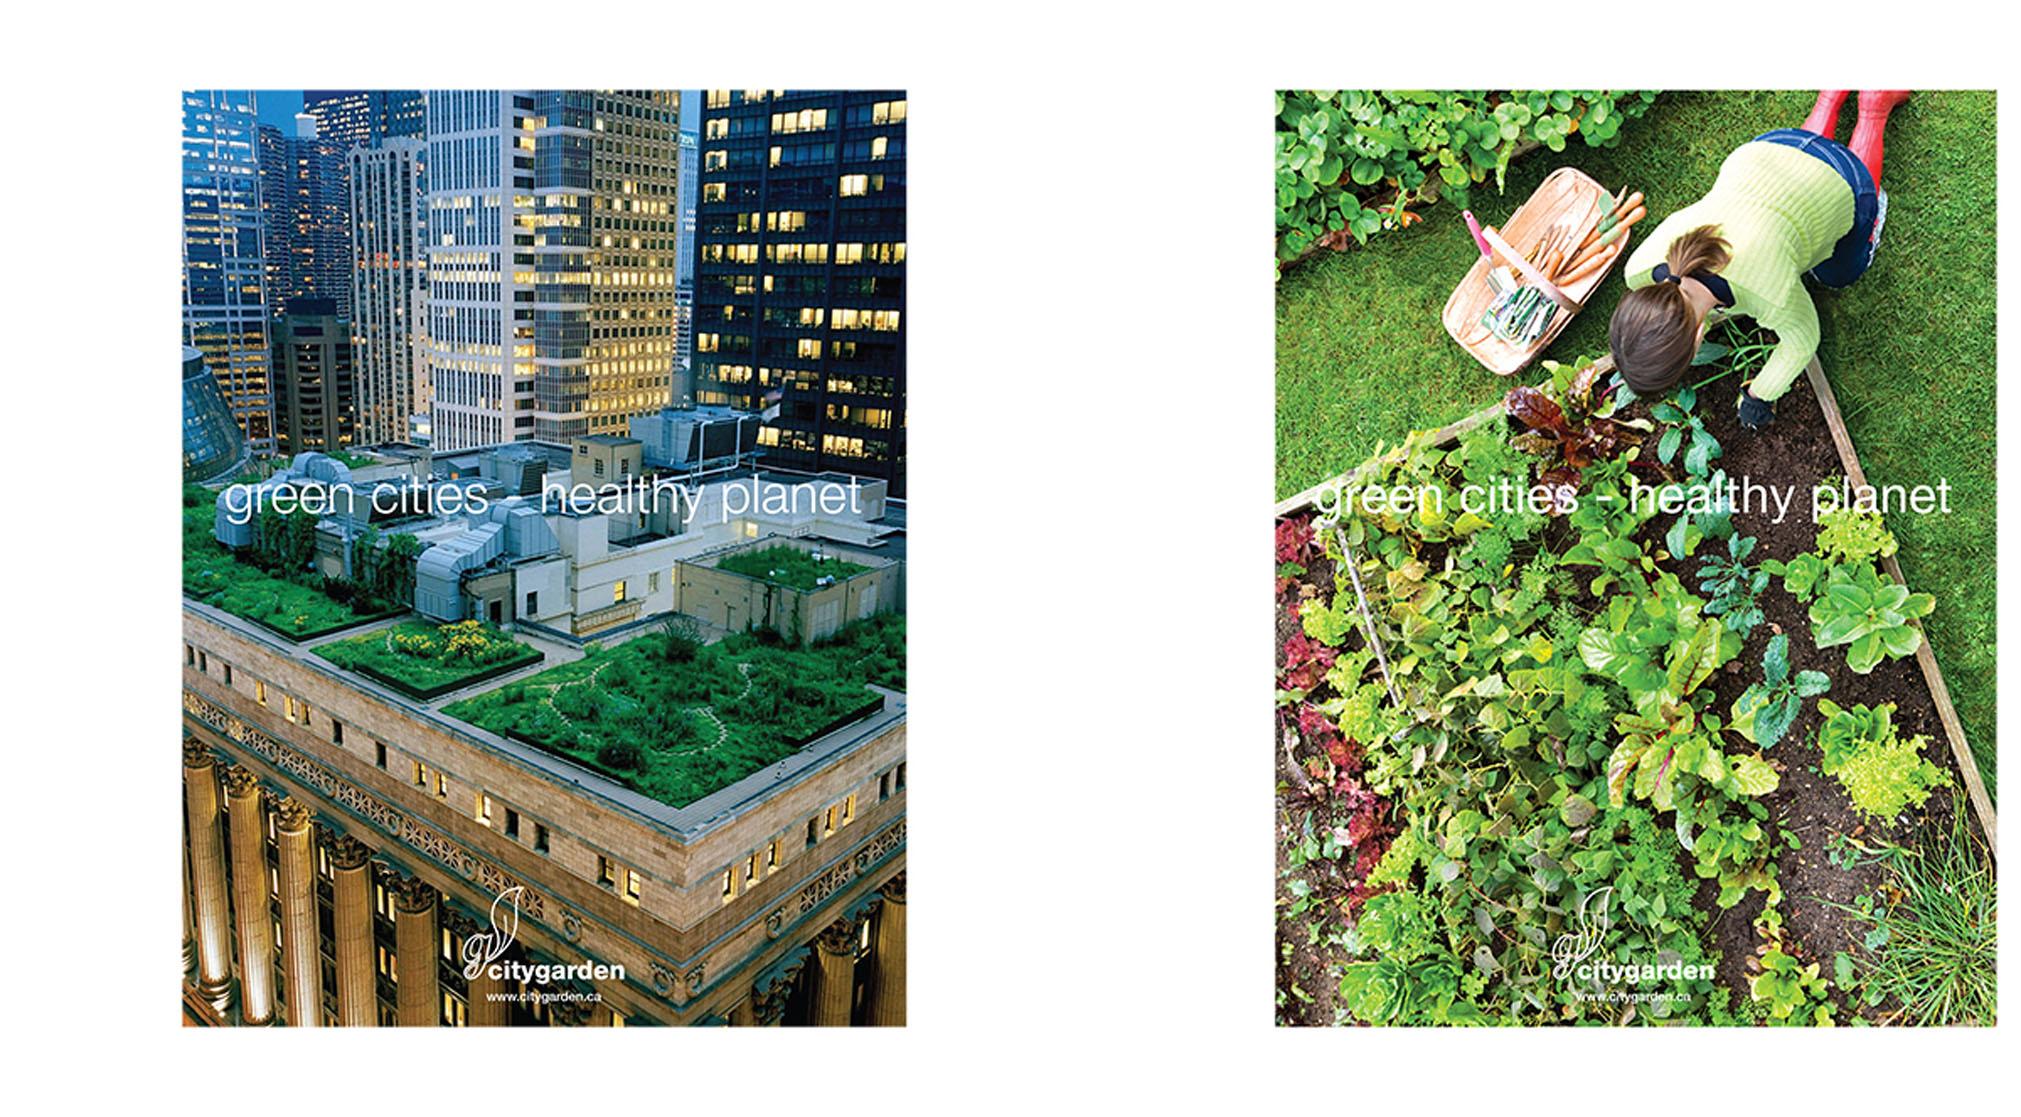 web-Brandbook-citygarden-4.jpg